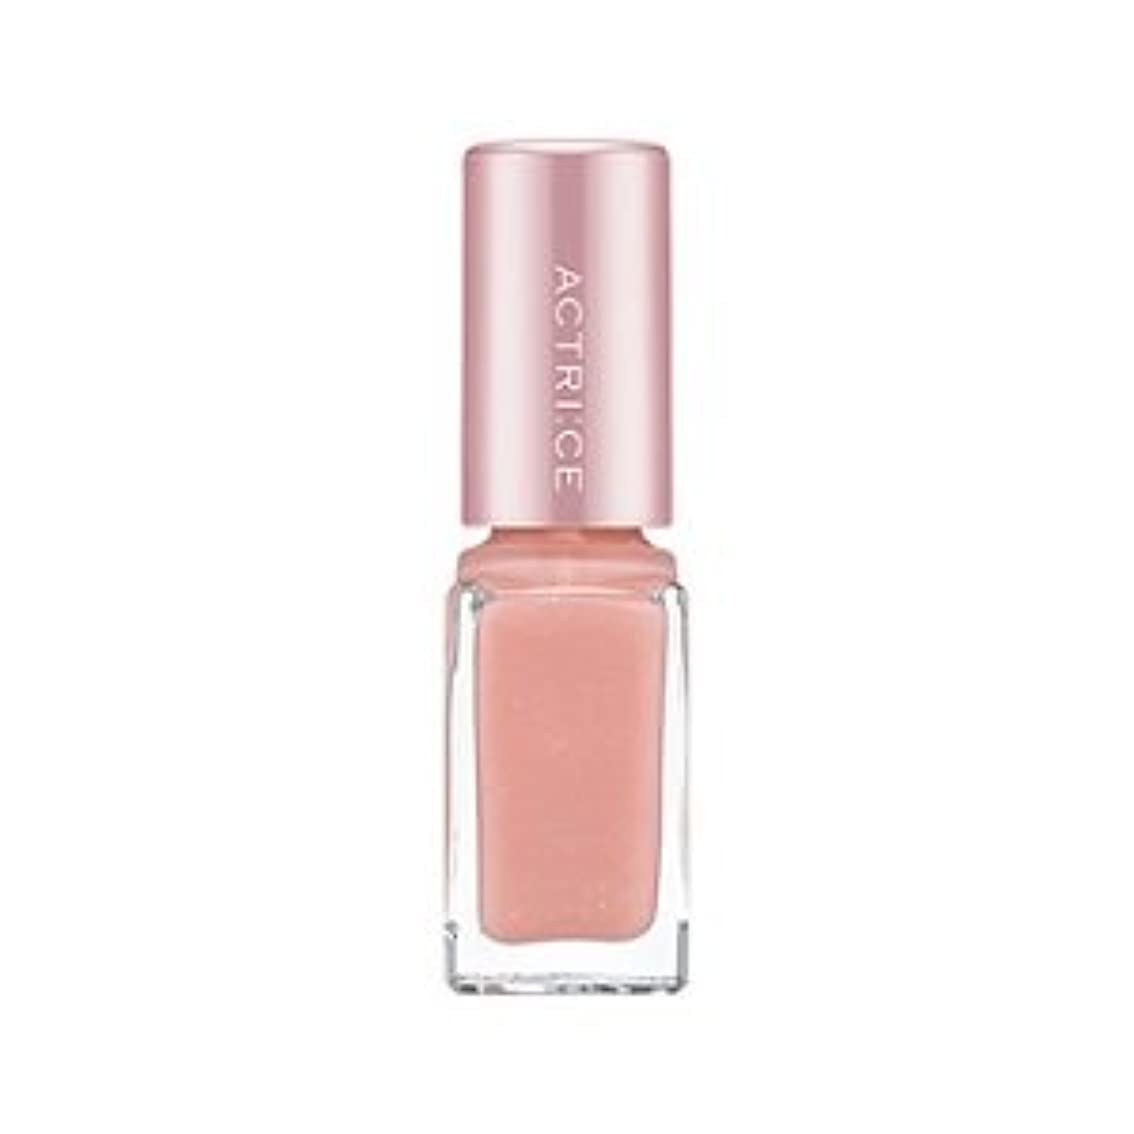 ご飯シャトル森林ノエビア アクトリース ネイル 01 クリーミィ ピンク